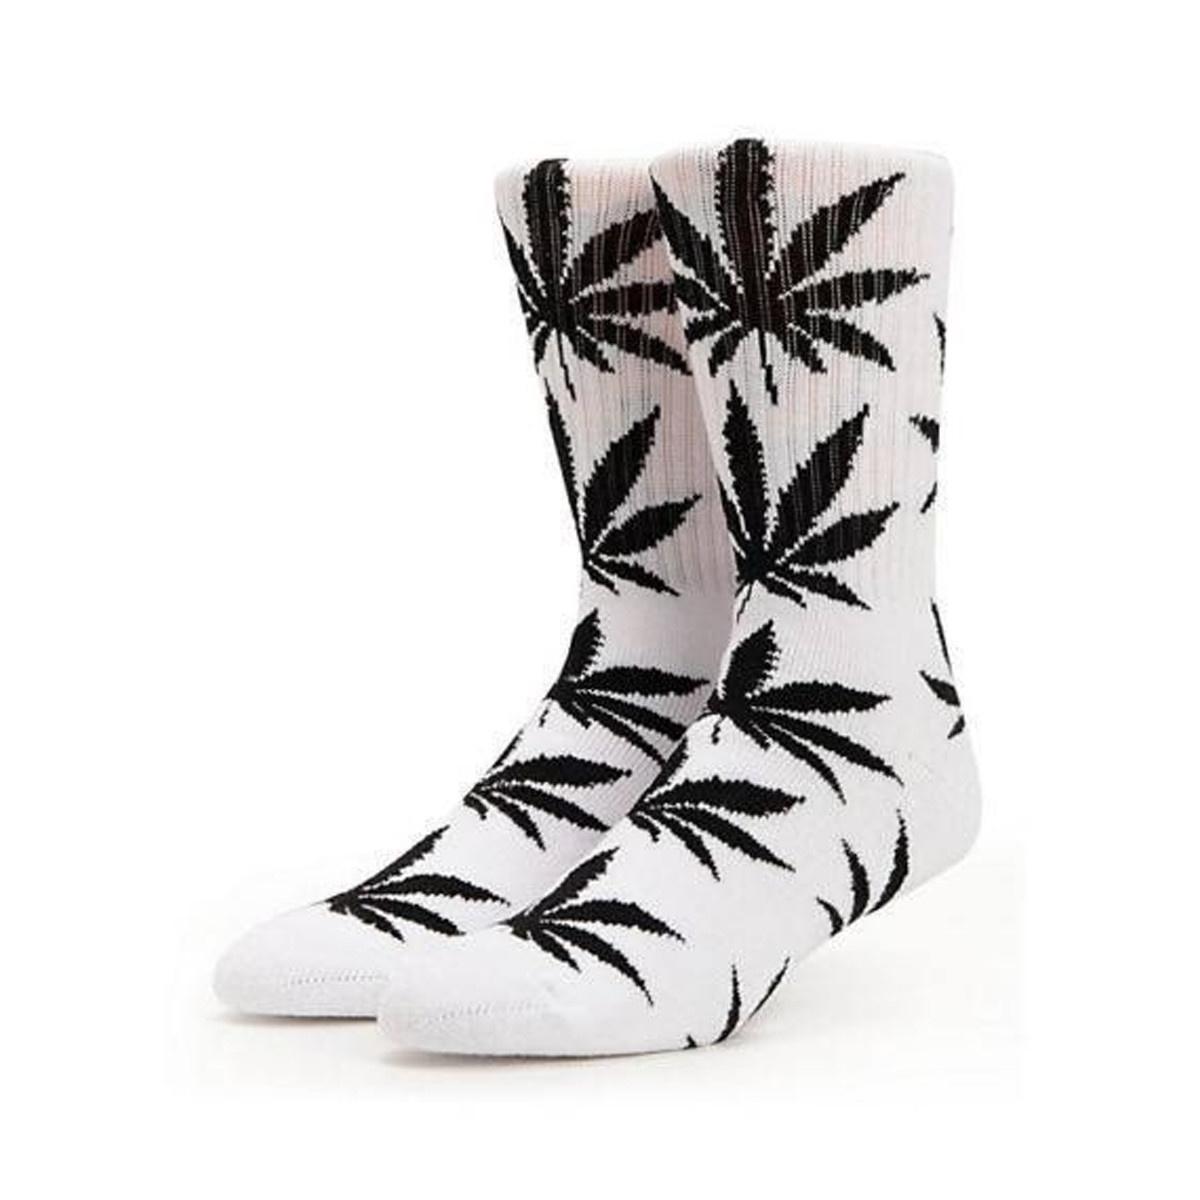 be7f807766eaf HUF - Plantlife Crew Sock (White)